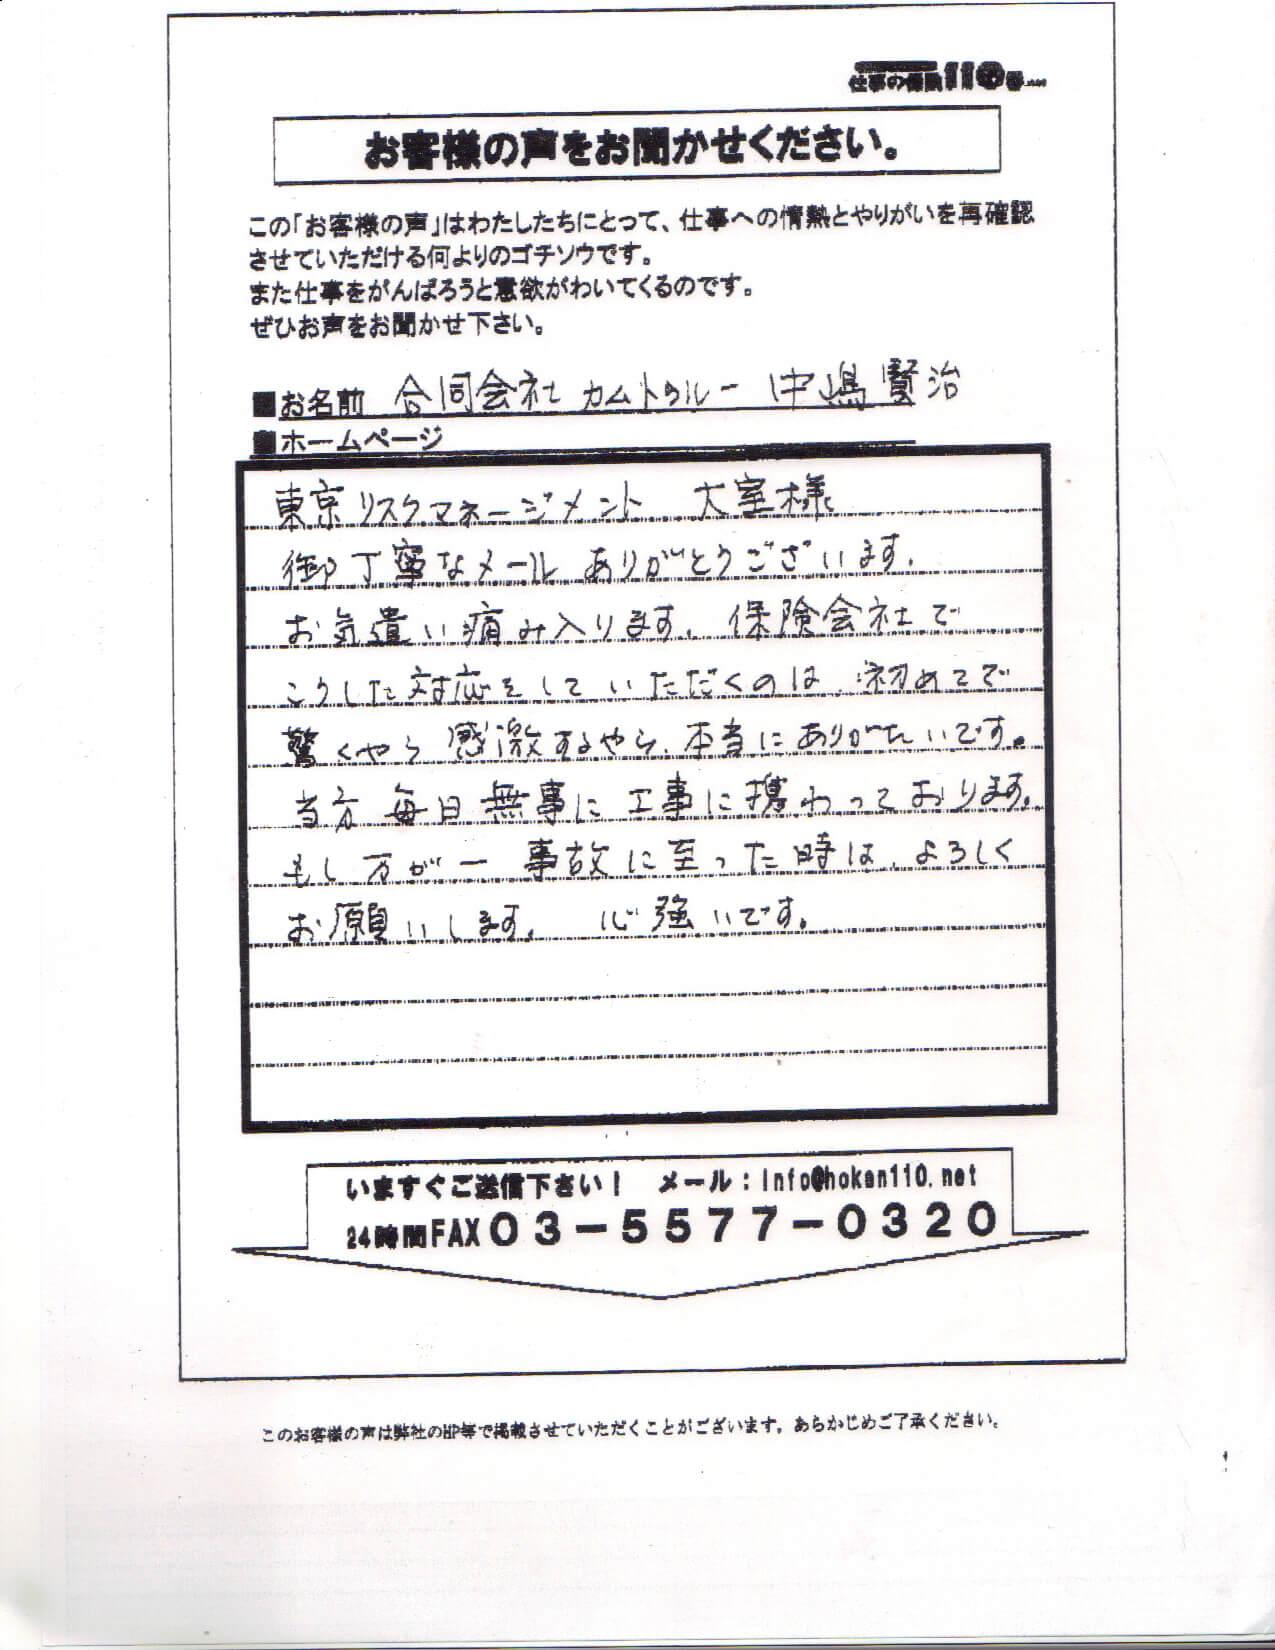 2010-03-12 22;00;53.jpg